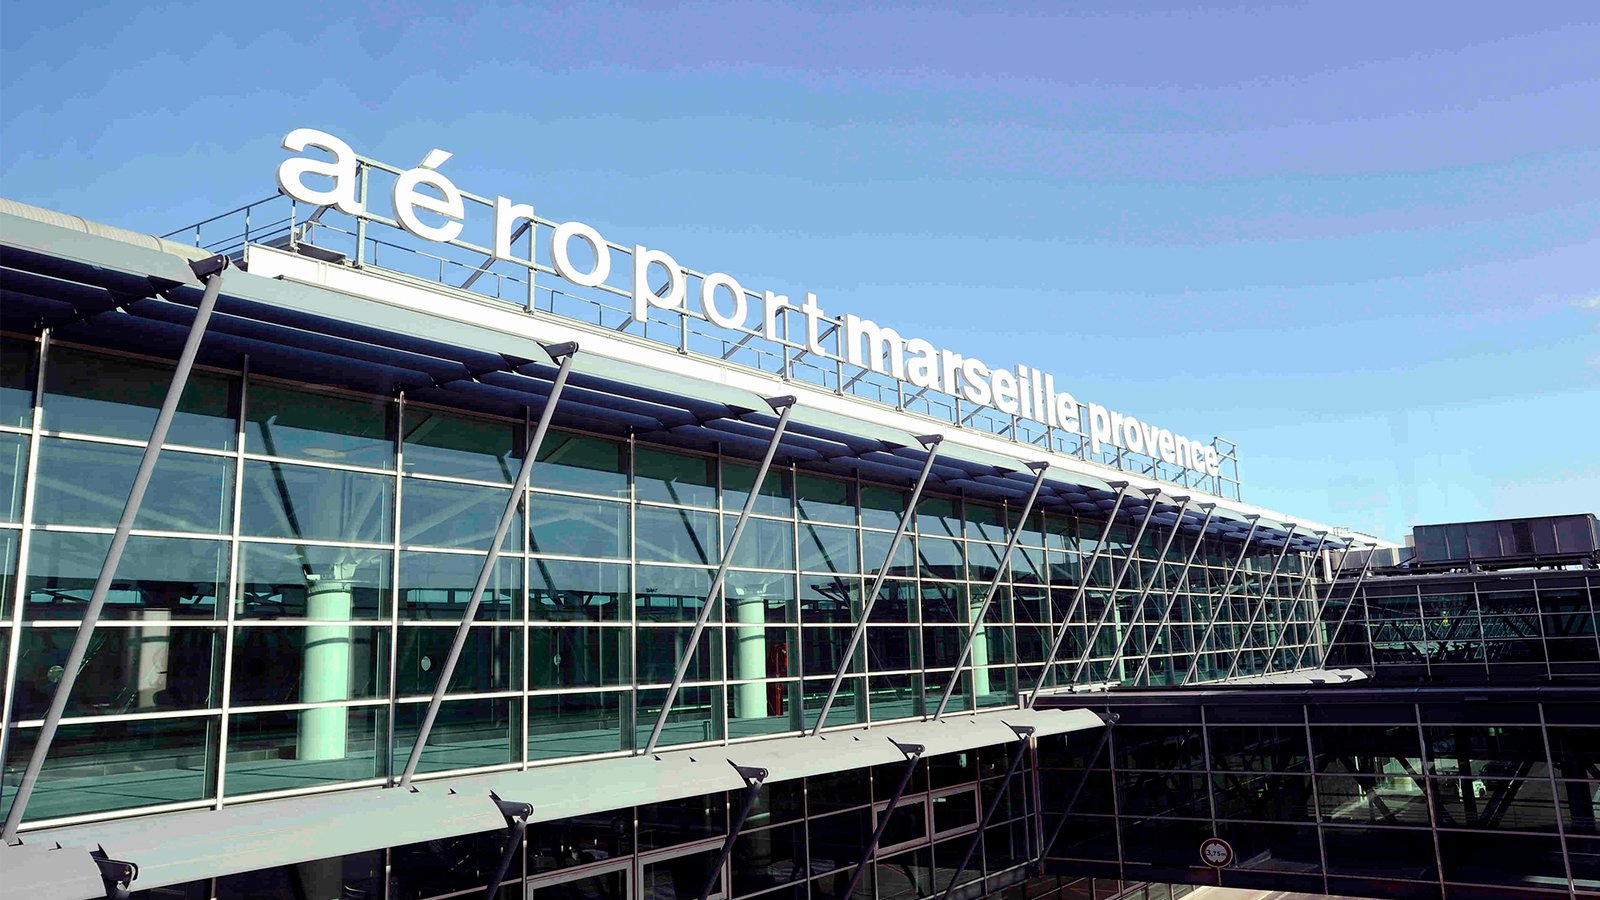 Aeroporto di Marsiglia: Tutte i servizi e le info utili